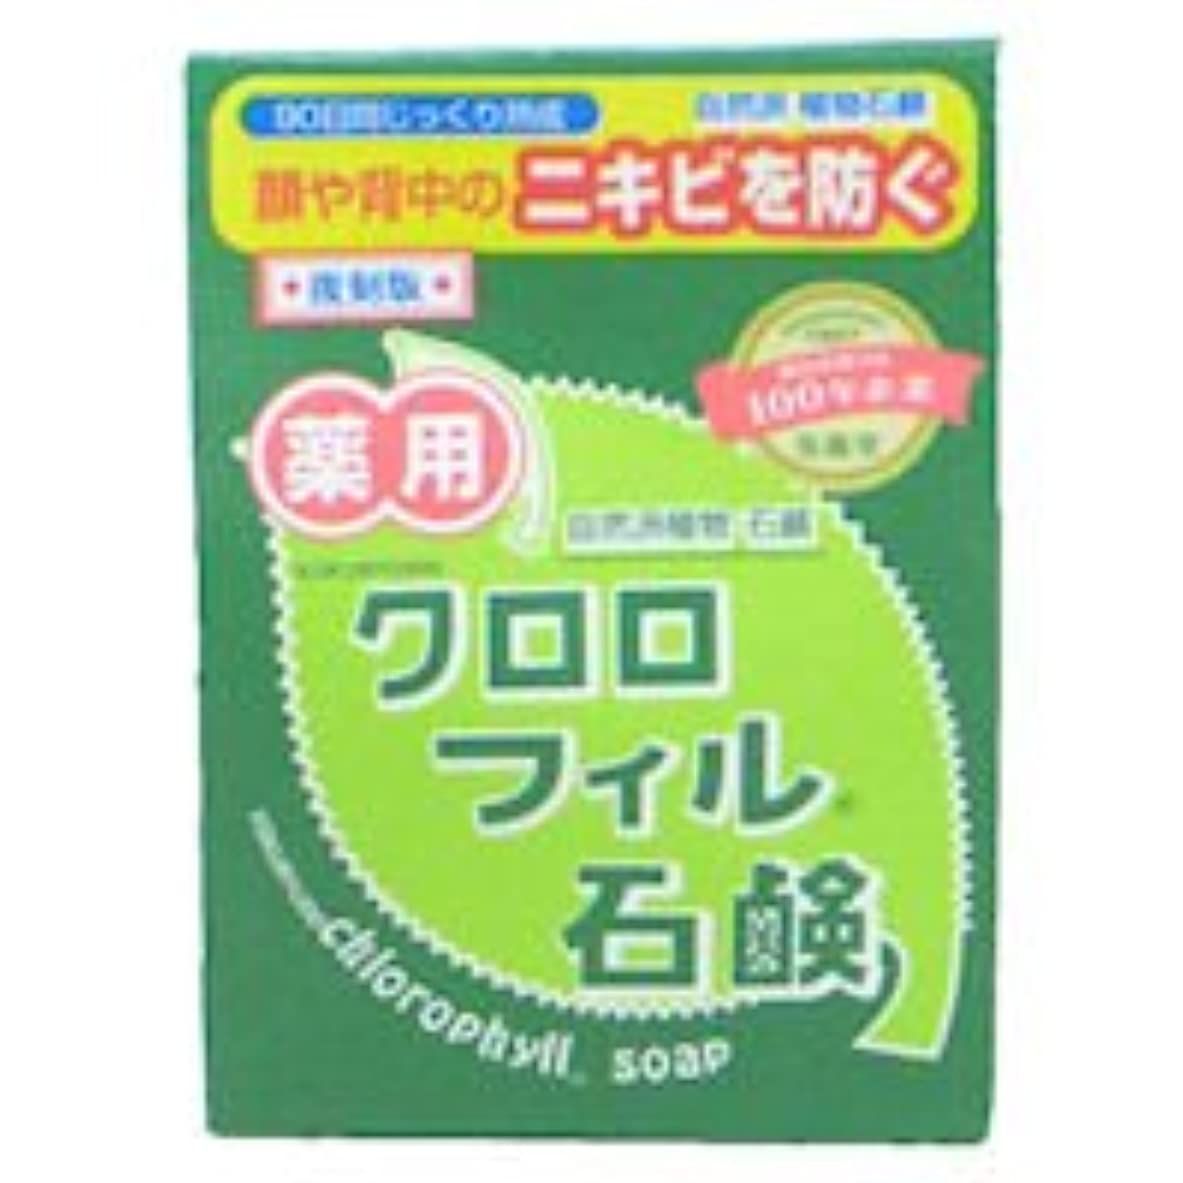 心のこもったマサッチョジャンクション【黒龍堂】薬用 クロロフィル石鹸 85g